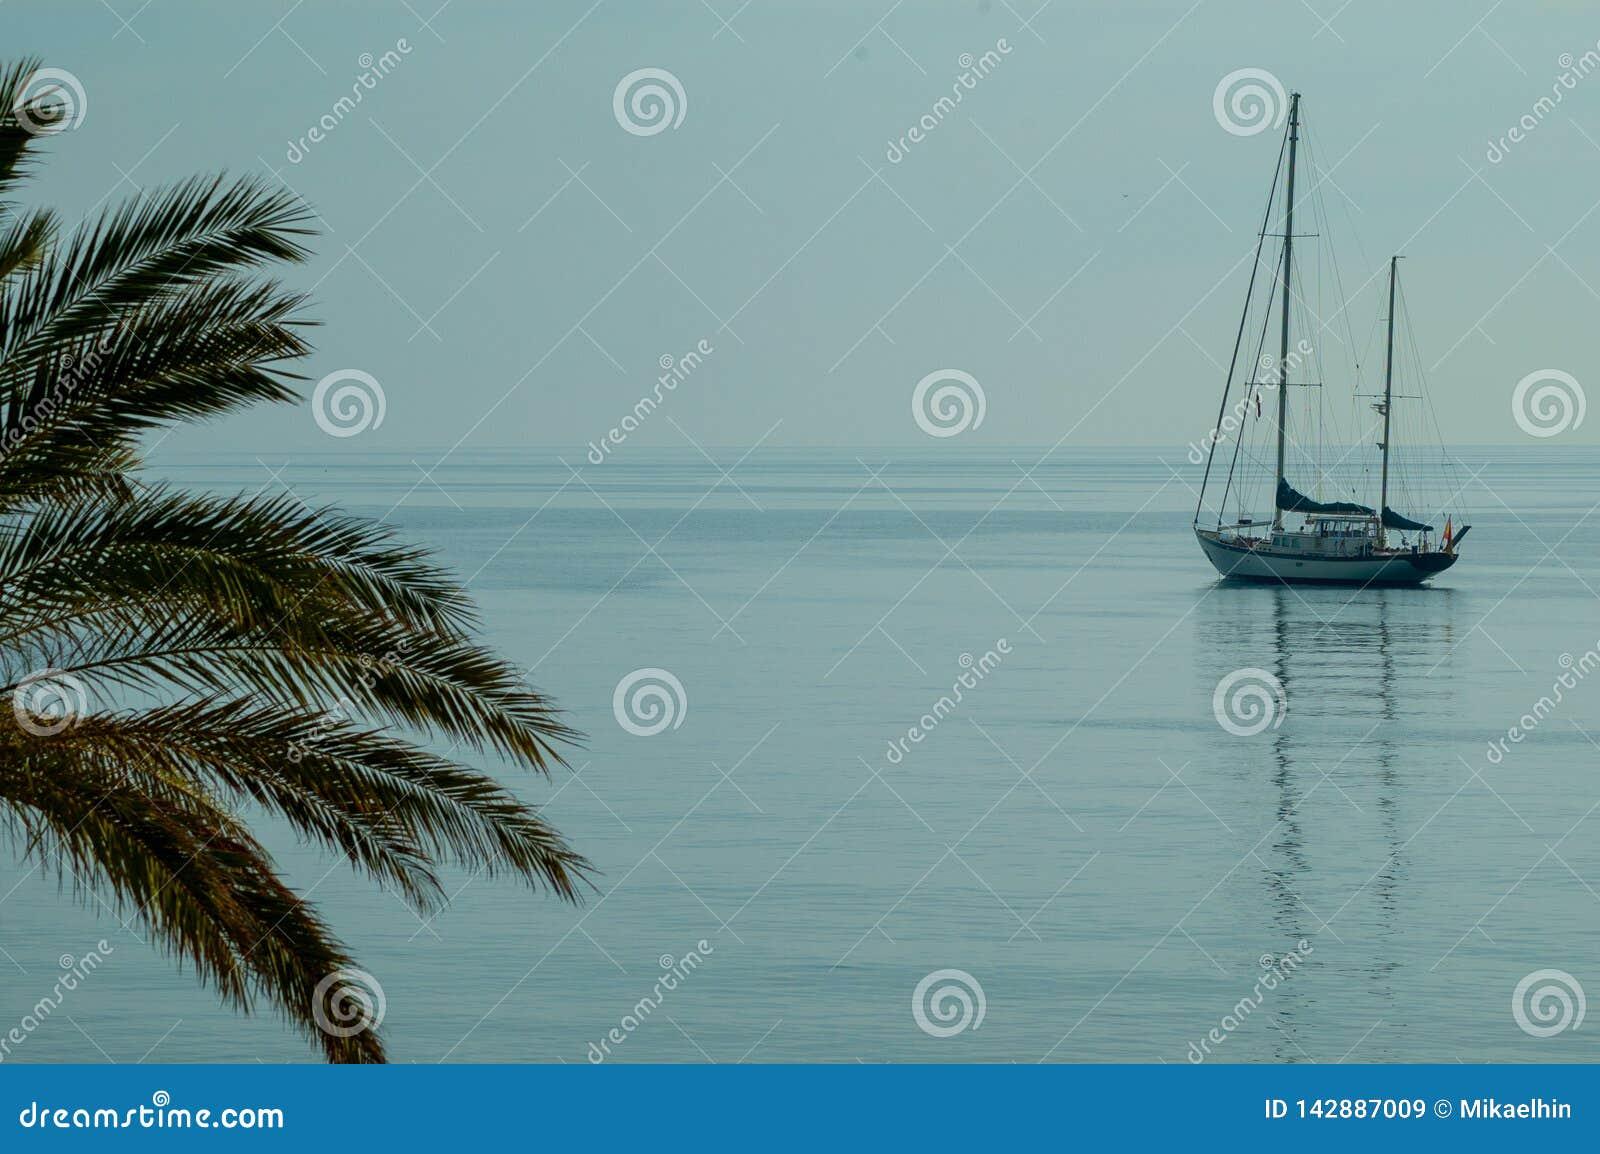 Сиротливый парусник на Средиземном море, пейзаж безмятежности на море